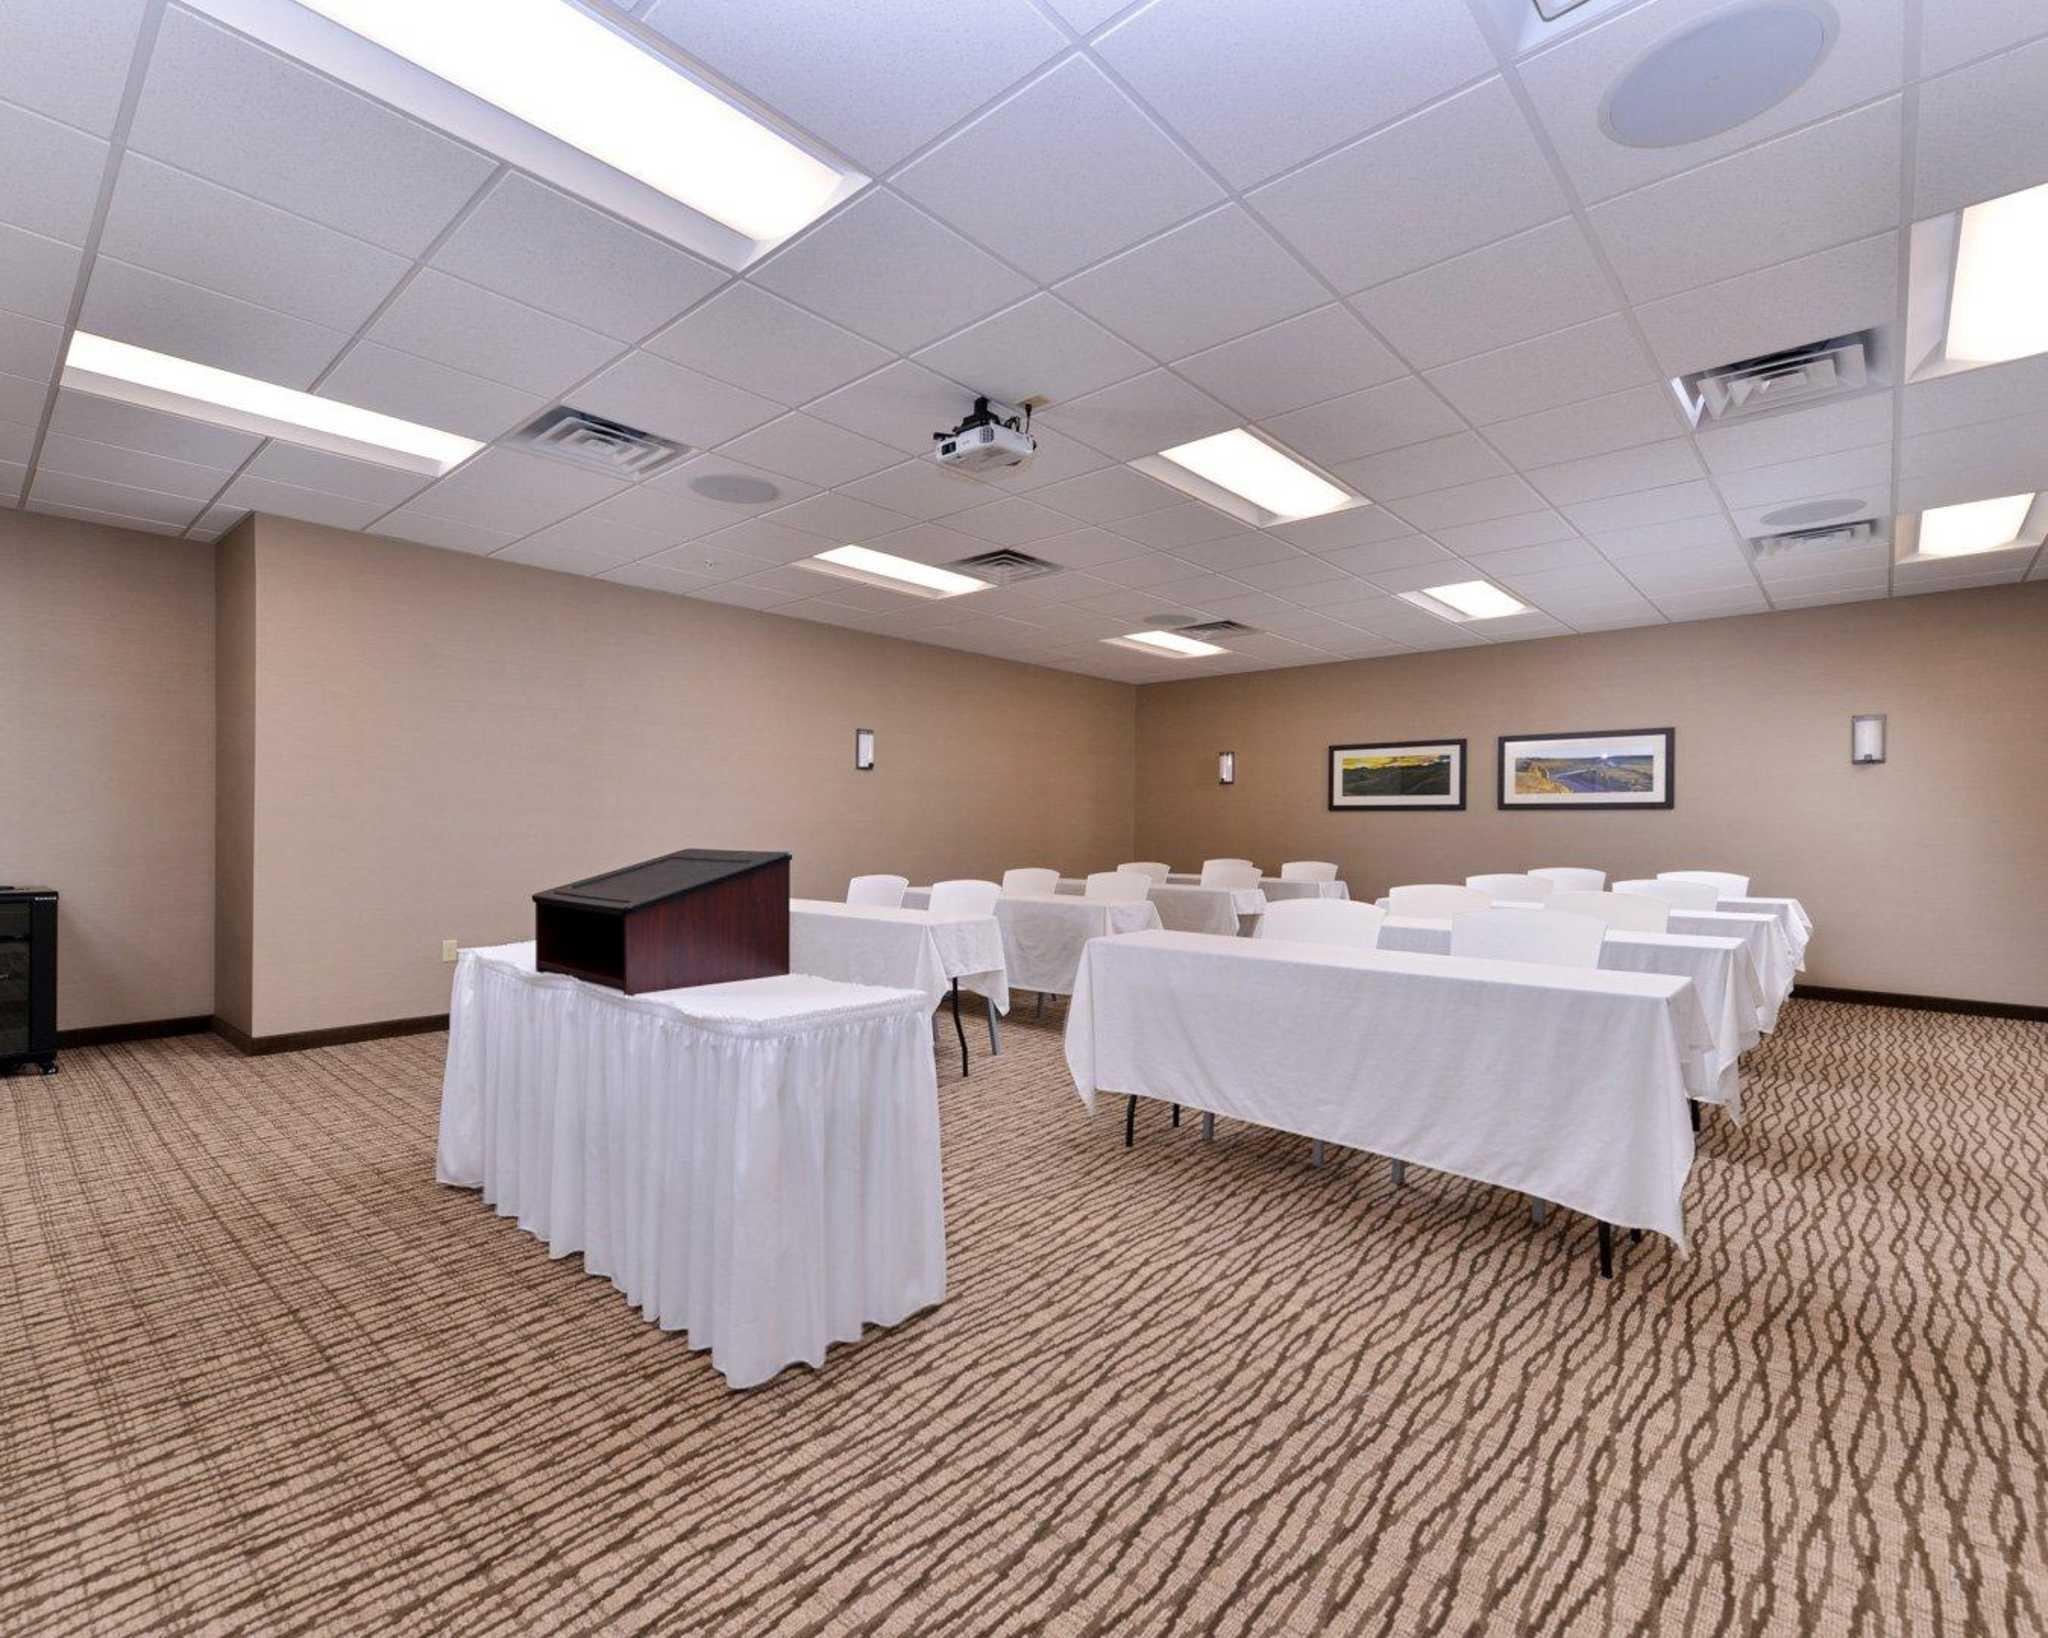 Comfort Inn Amp Suites Mandan Bismarck Mandan Nd